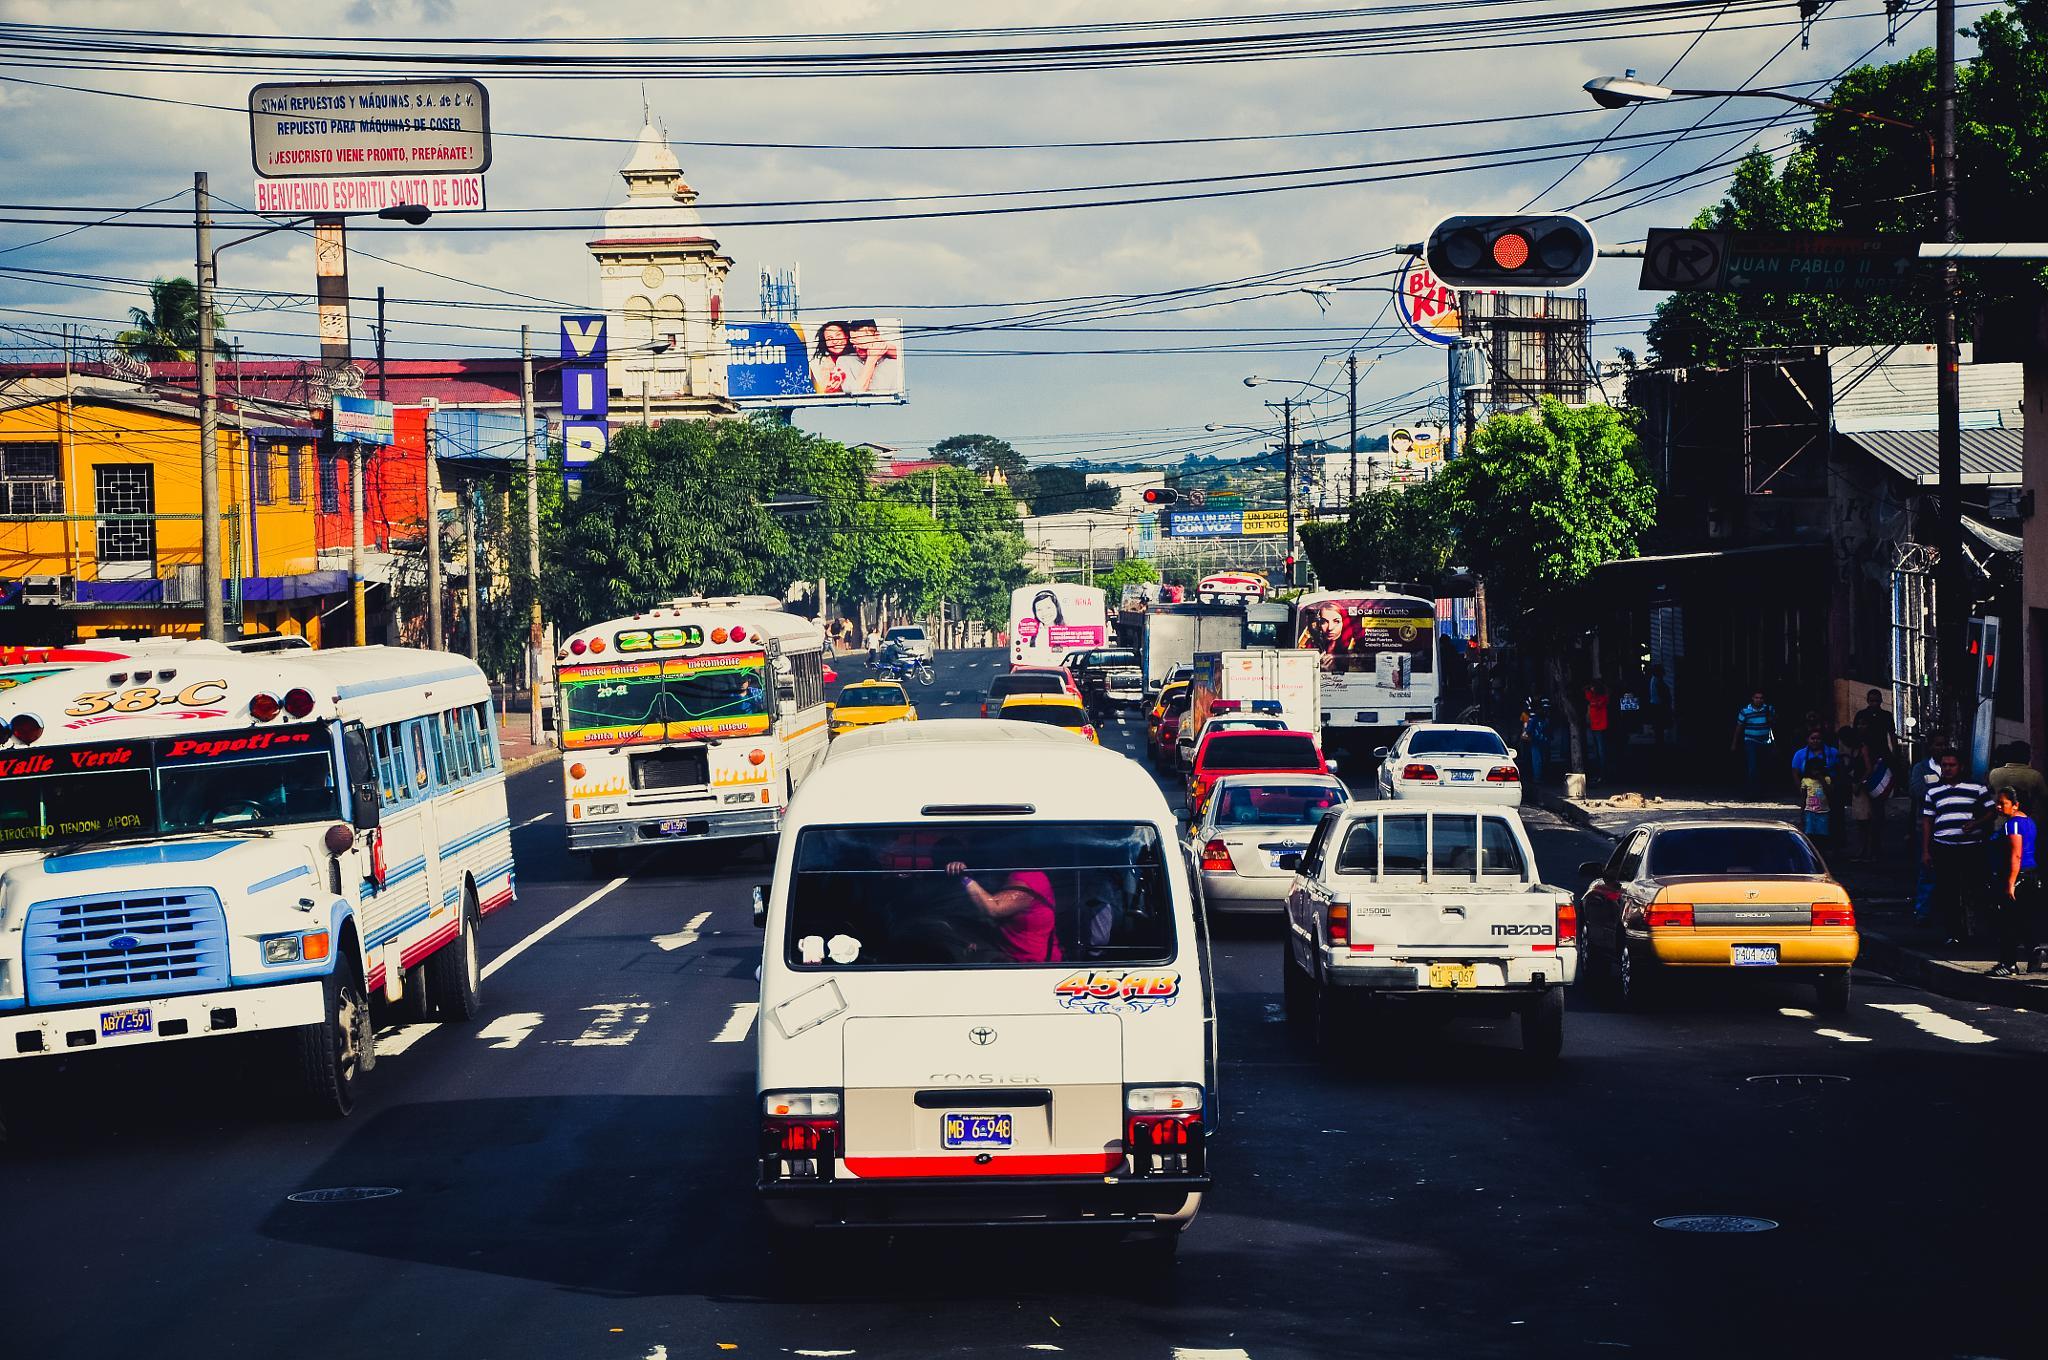 Busy Street in San Salvador (El Salvador) by Jiri Bielicky